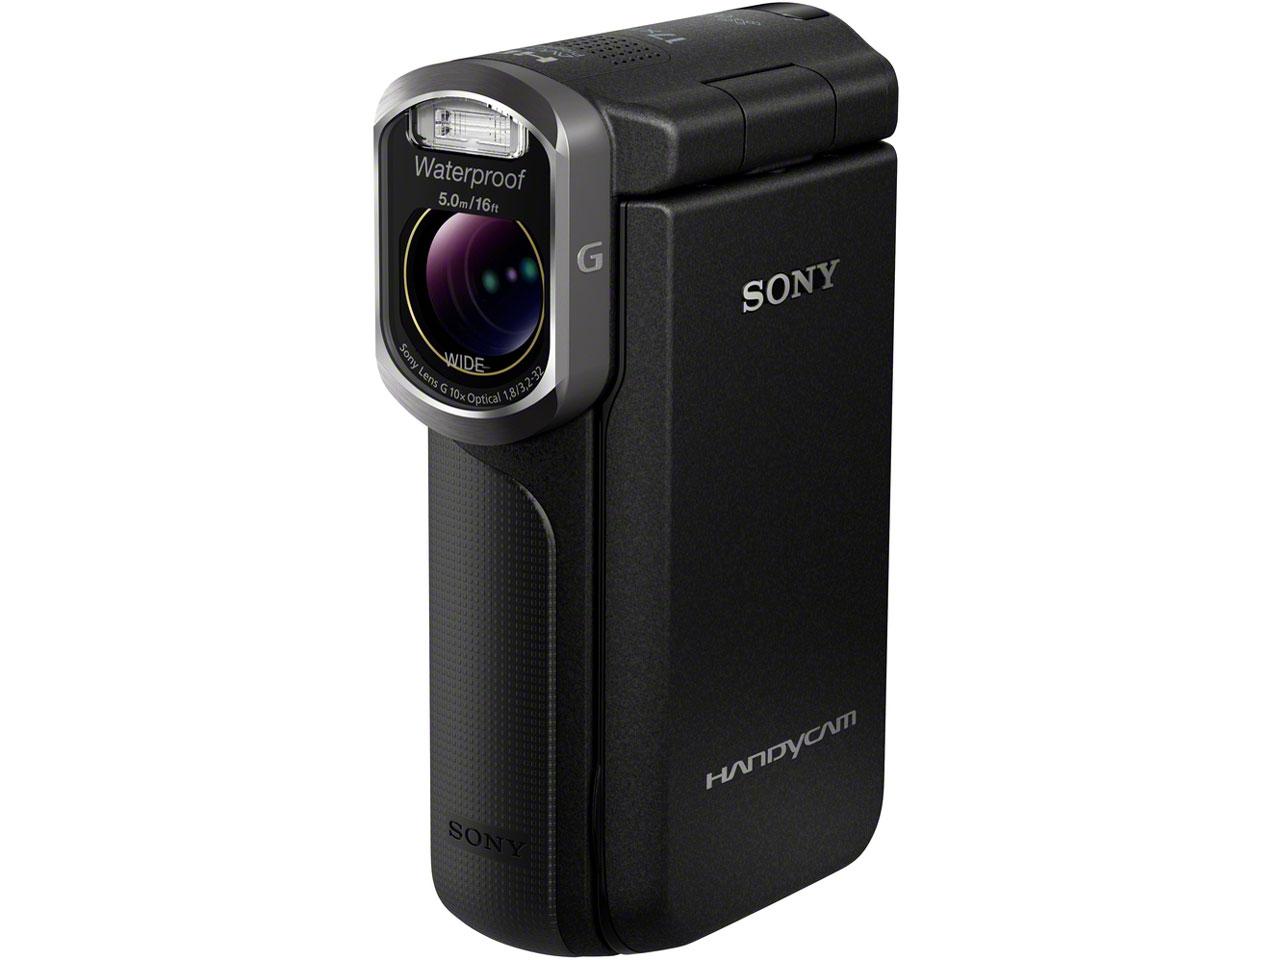 SONY HDR-GW77V - nowa kamera Handycam z GPS w wodoodpornej obudowie